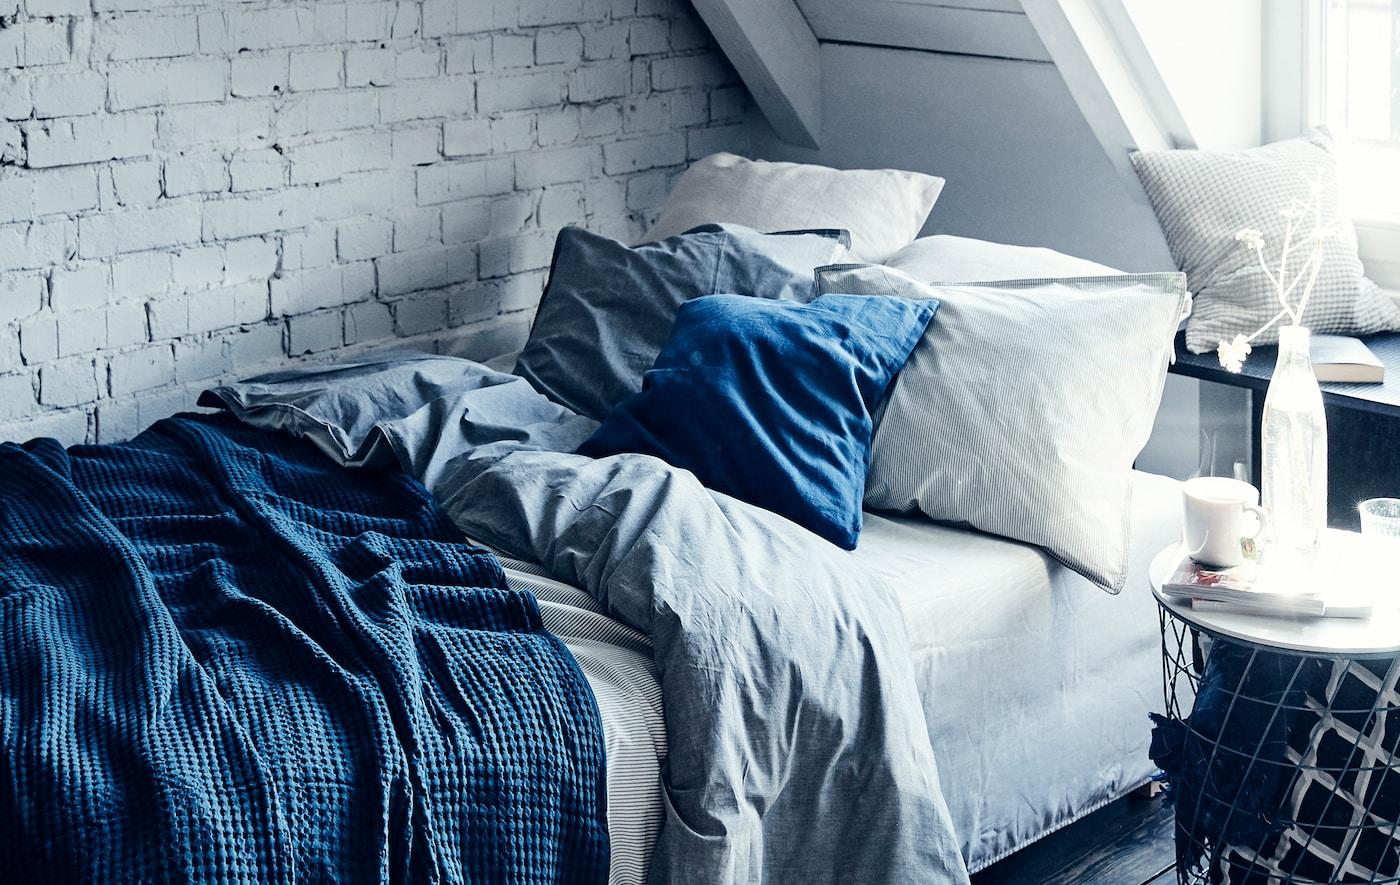 Una cama con ropa de cama y cojines azules y blancos junto a una pared de ladrillos pintados de blanco.